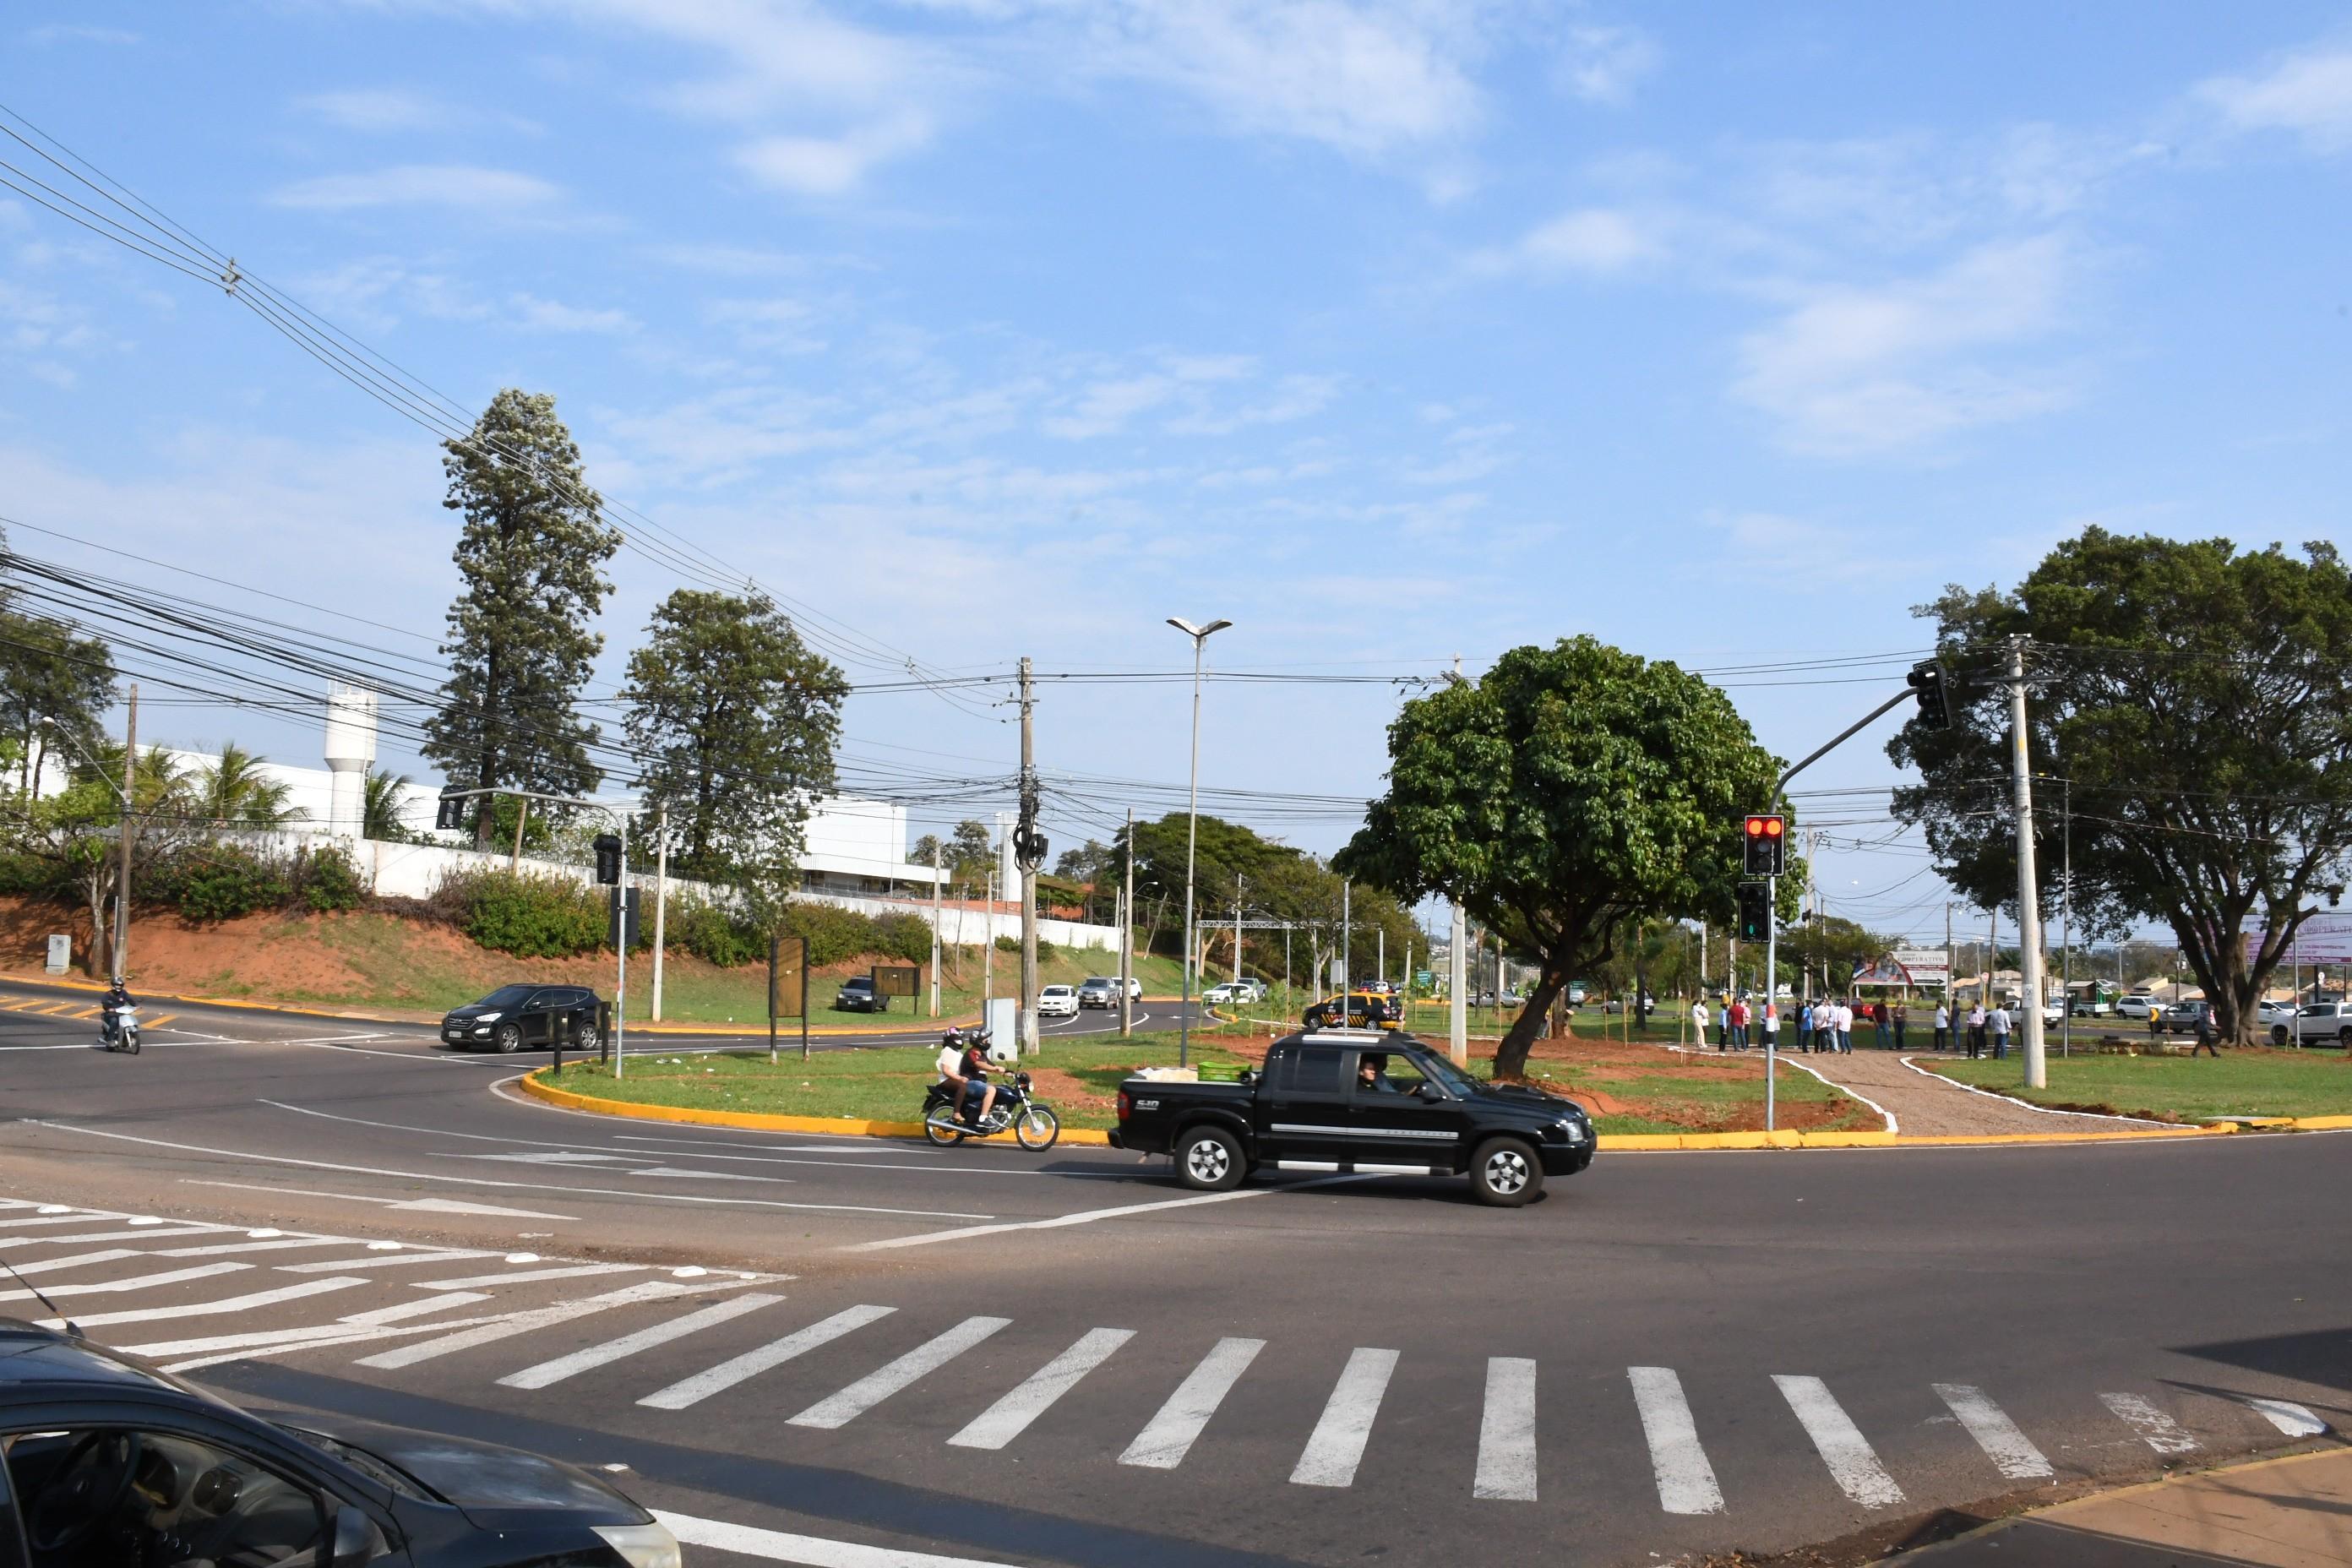 Instalação de semáforos é oficialmente inaugurada em rotatória no Jardim Novo Bongiovani